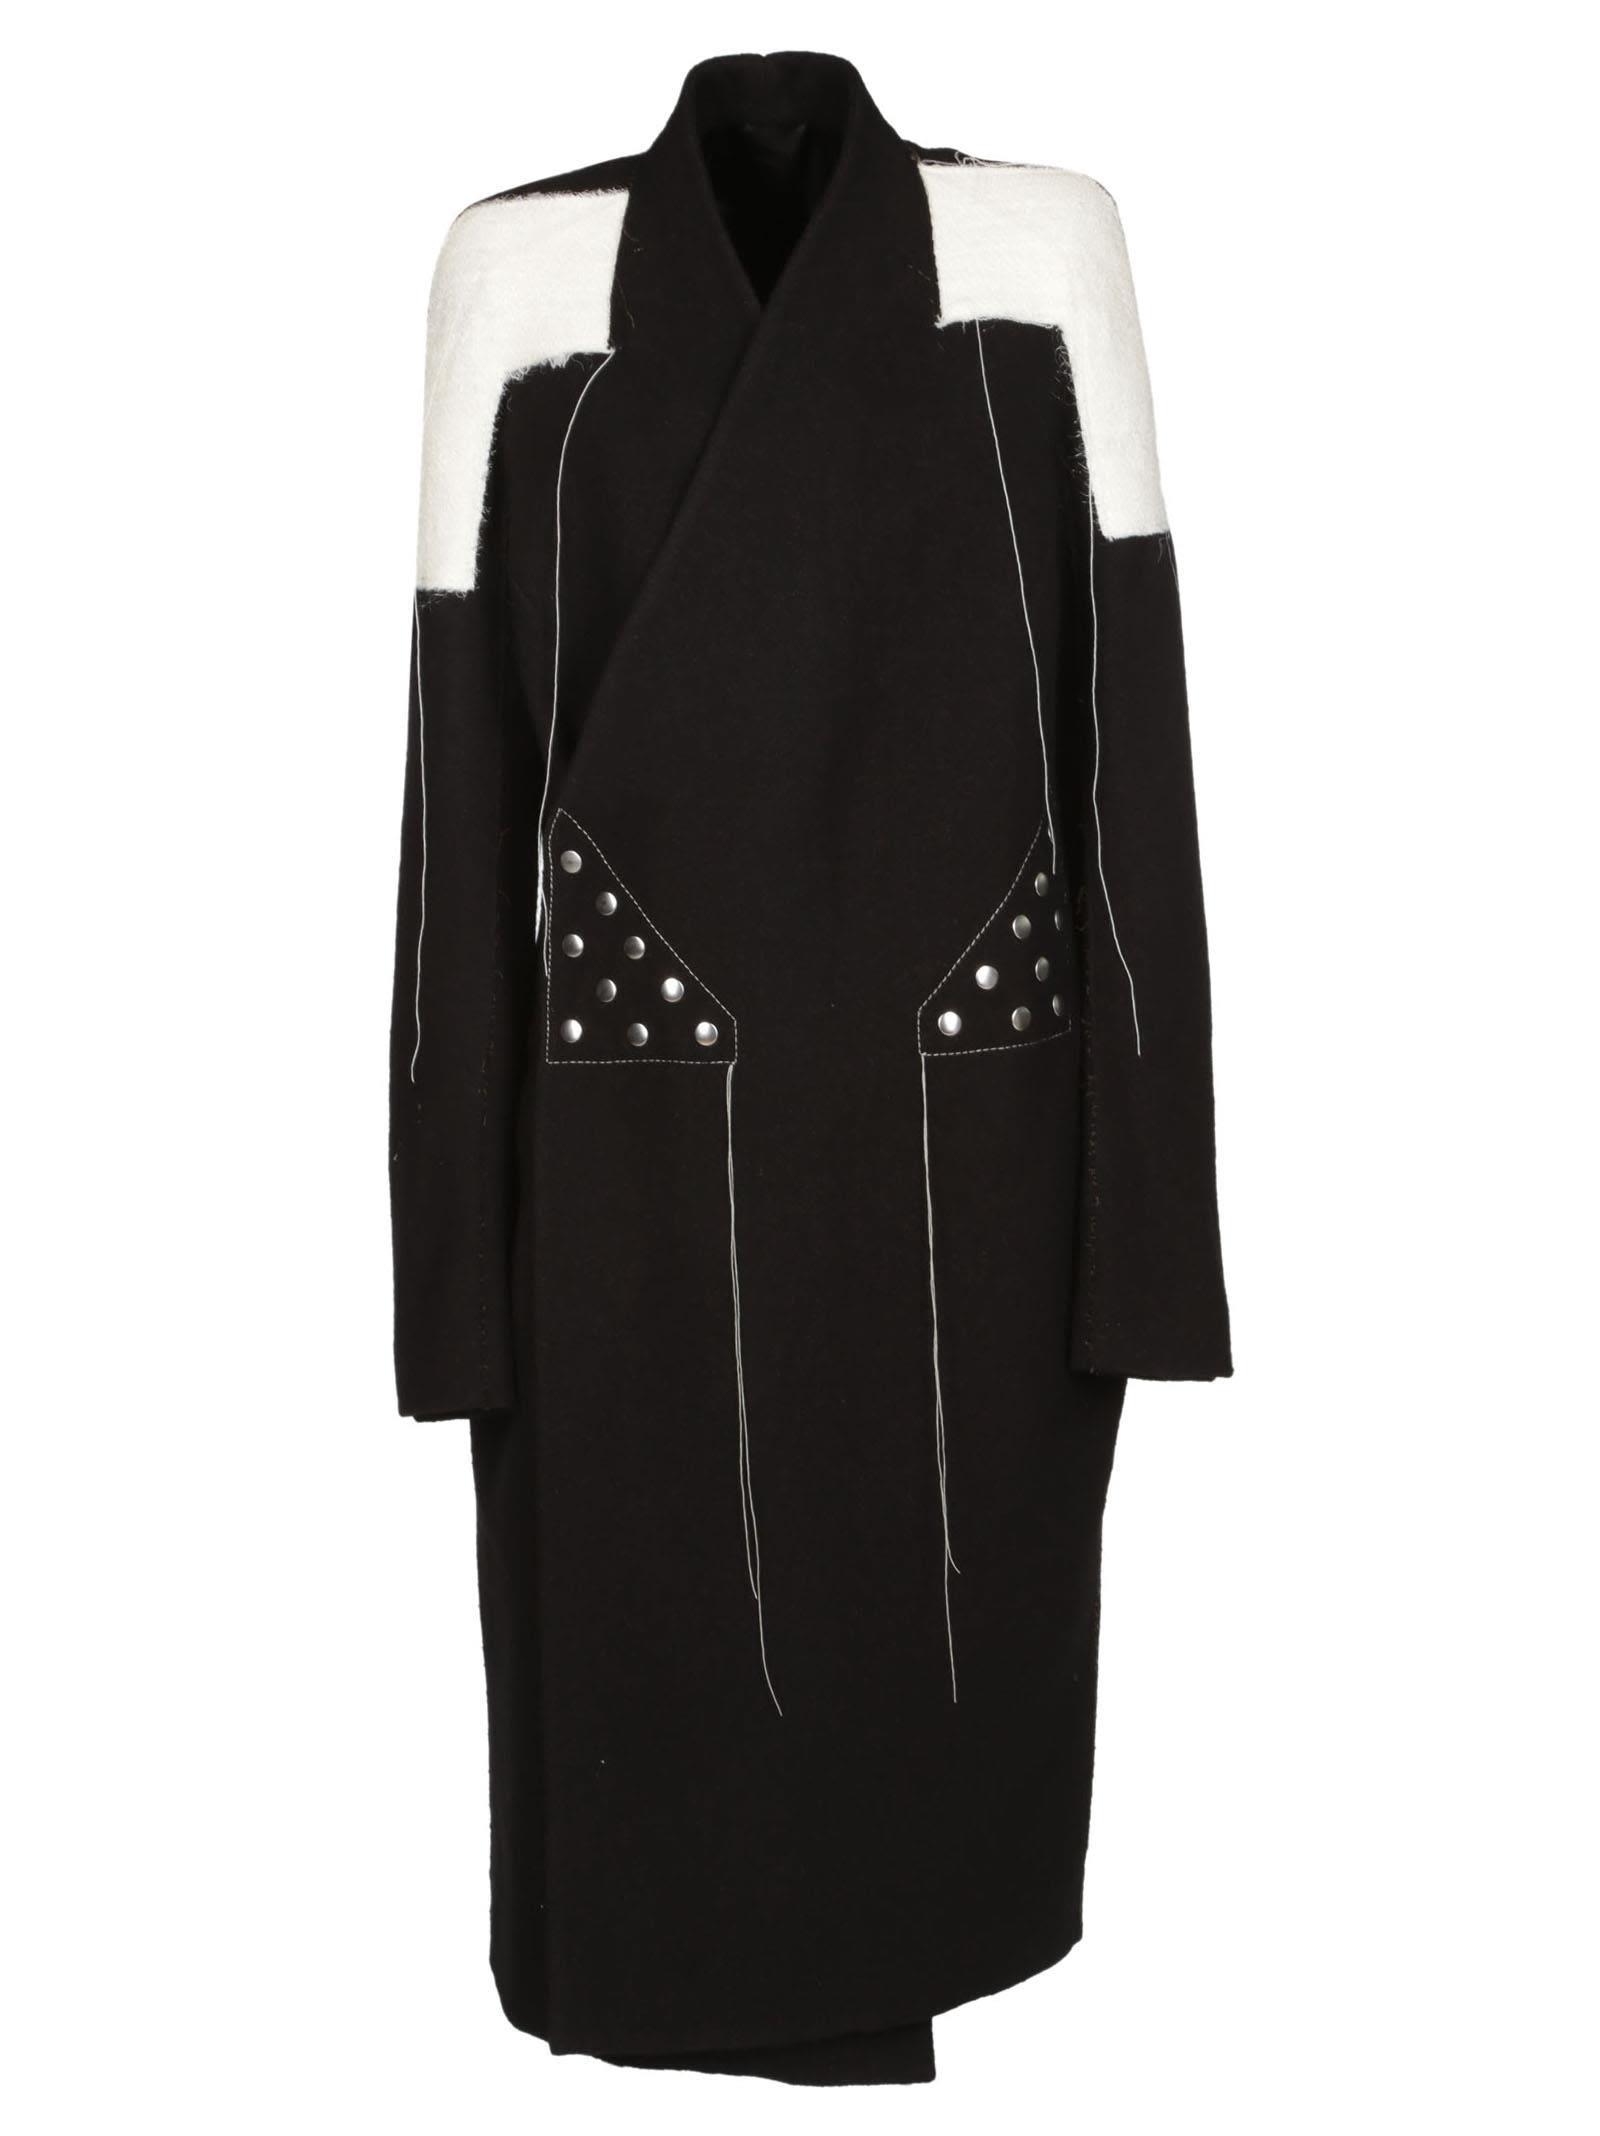 DRKSHDW Drkshdw Studded Coat in Black